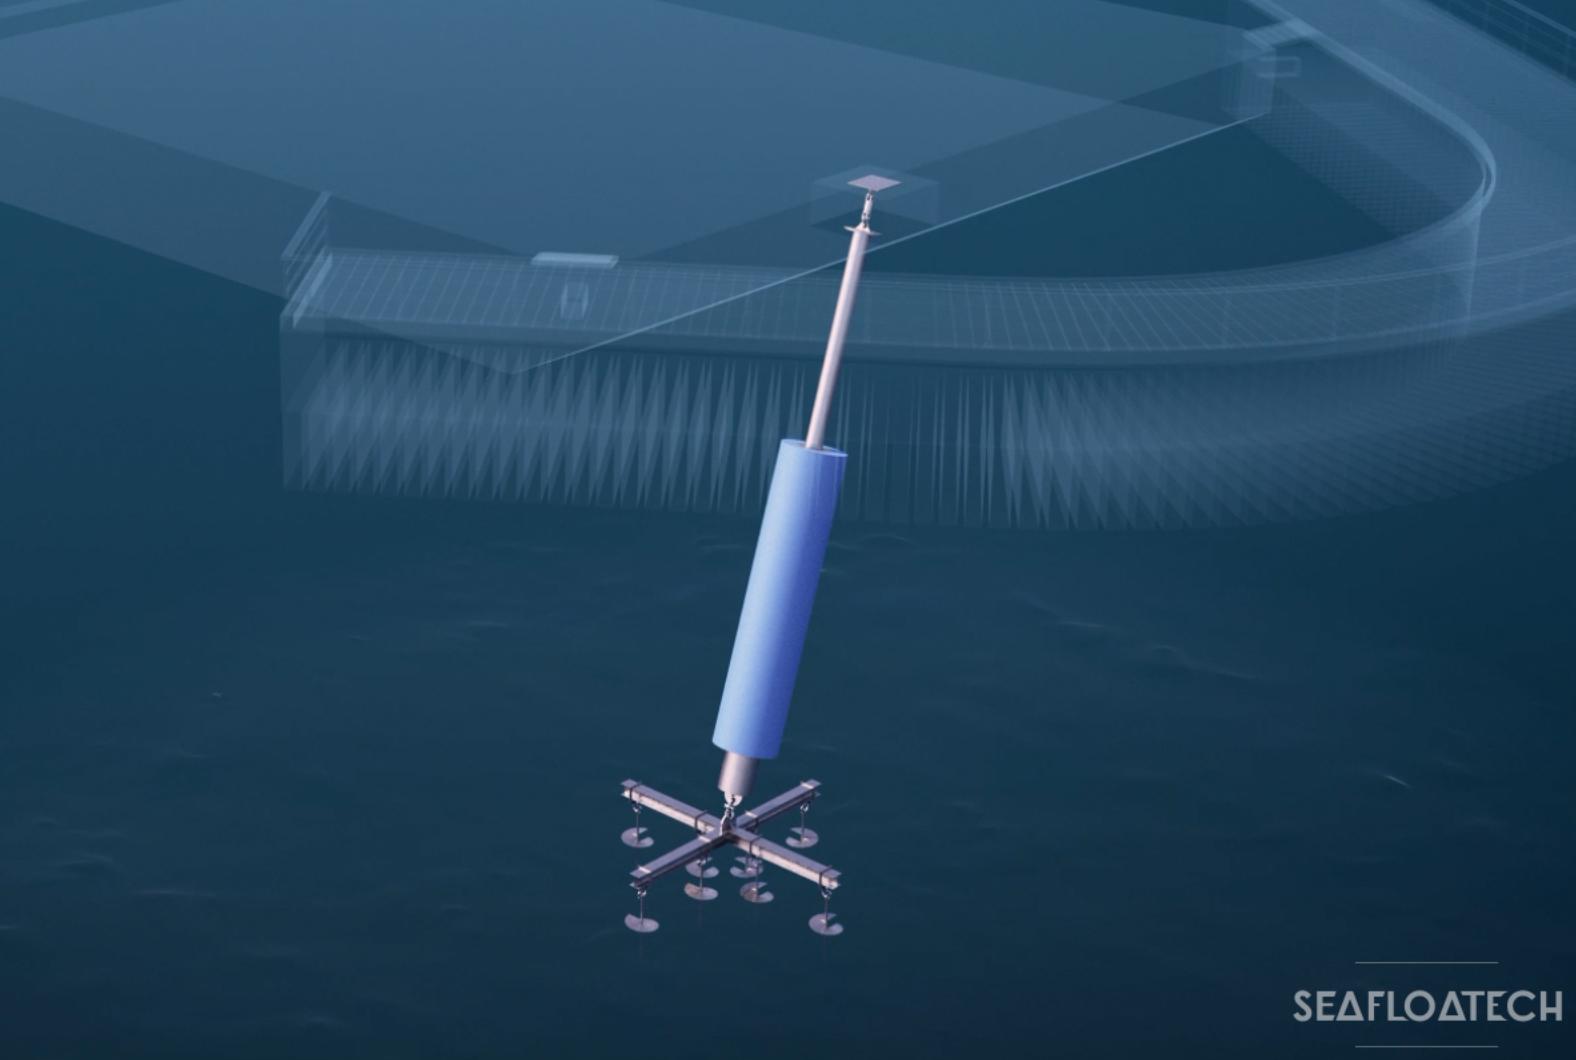 Gallery Seafloatech Pod® 3